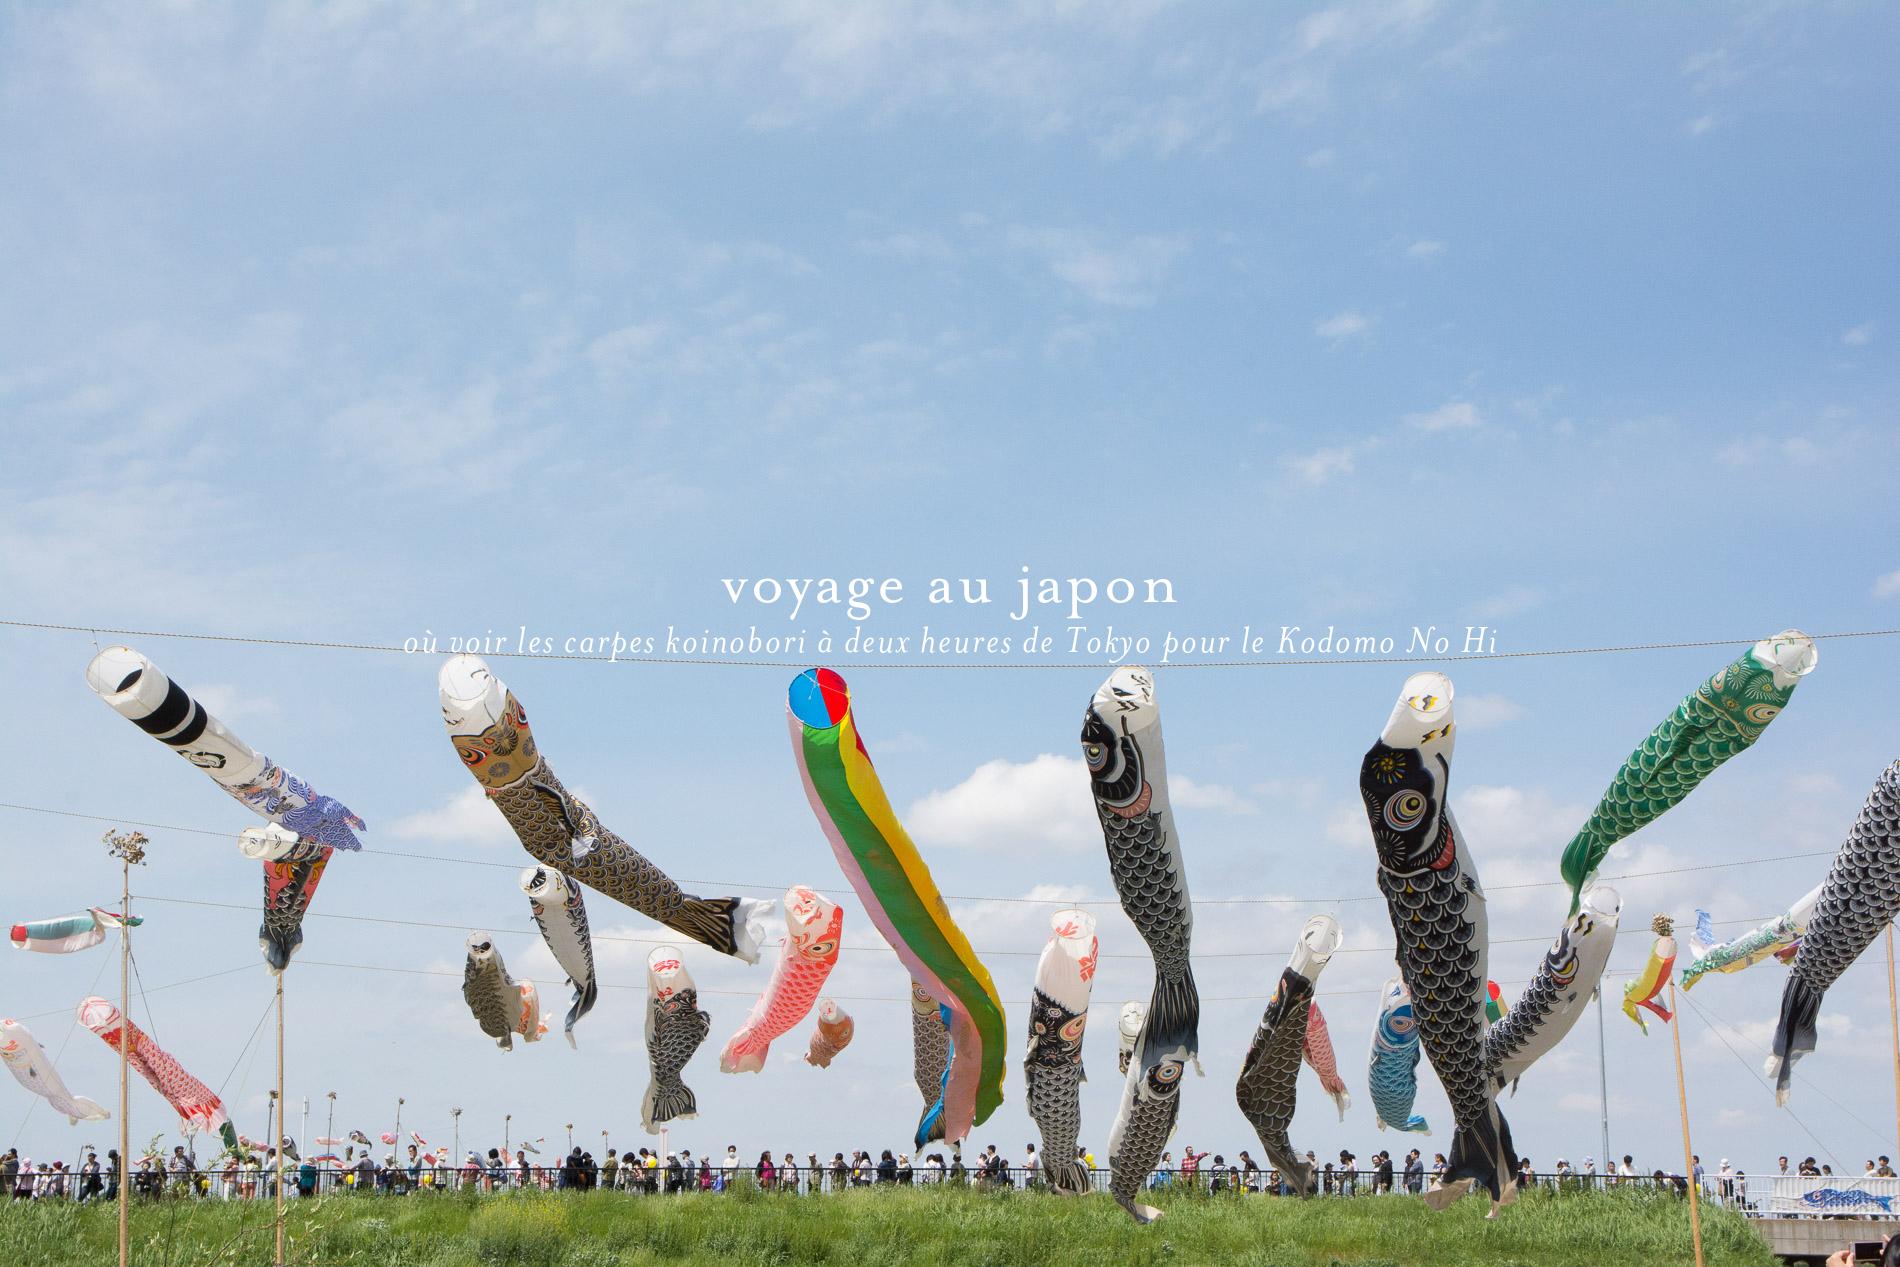 voyage au japon 3 endroits autour de tokyo o voir des carpes pour le kodomo no hi le poly dre. Black Bedroom Furniture Sets. Home Design Ideas